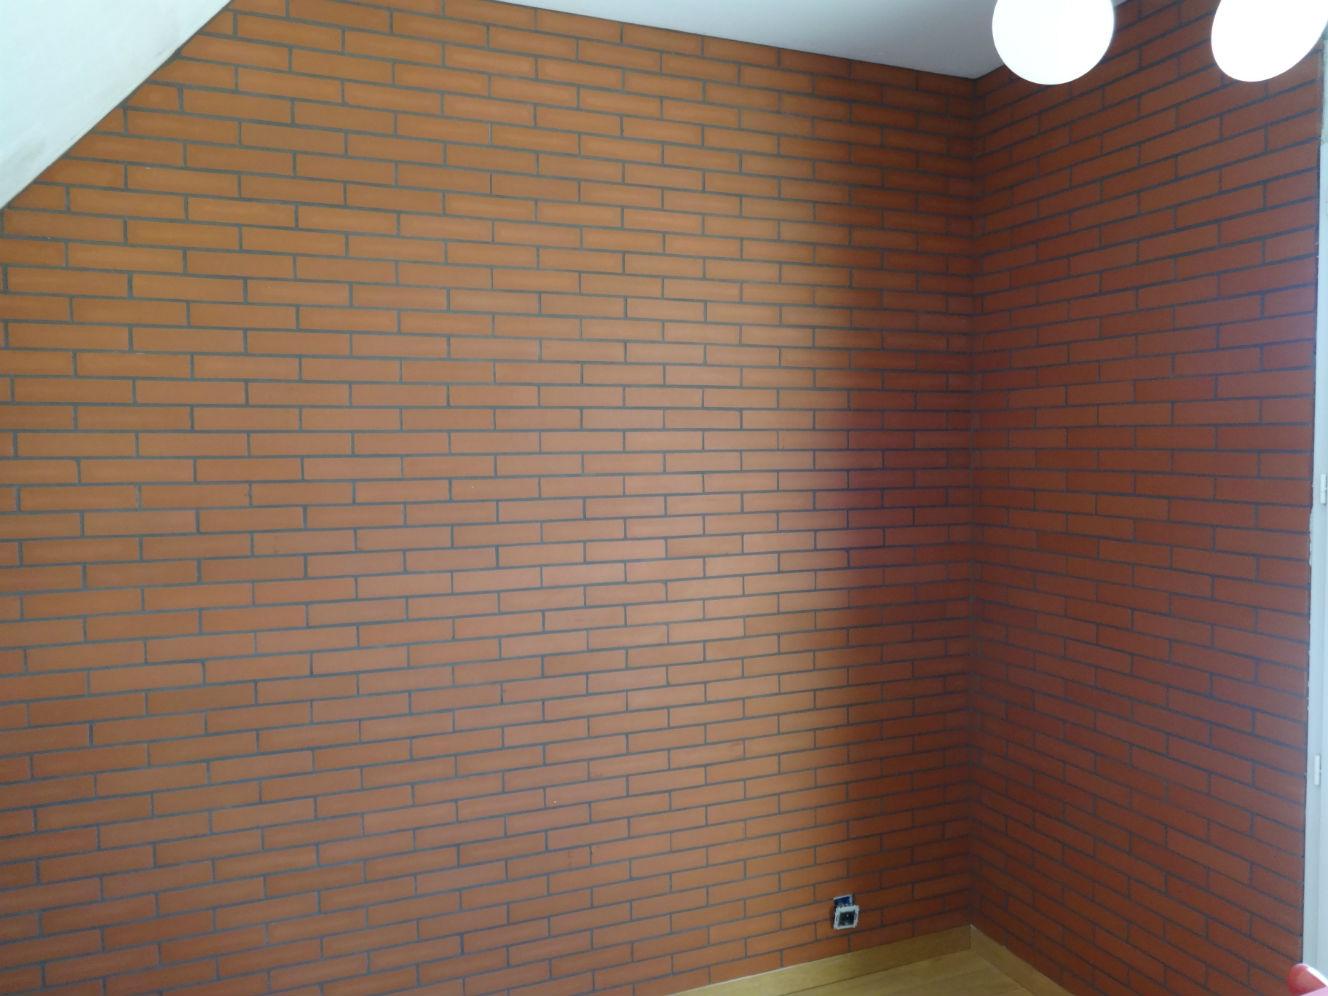 Alba carrelage photos briquettes de parement et carreaux - Mur briquette rouge ...